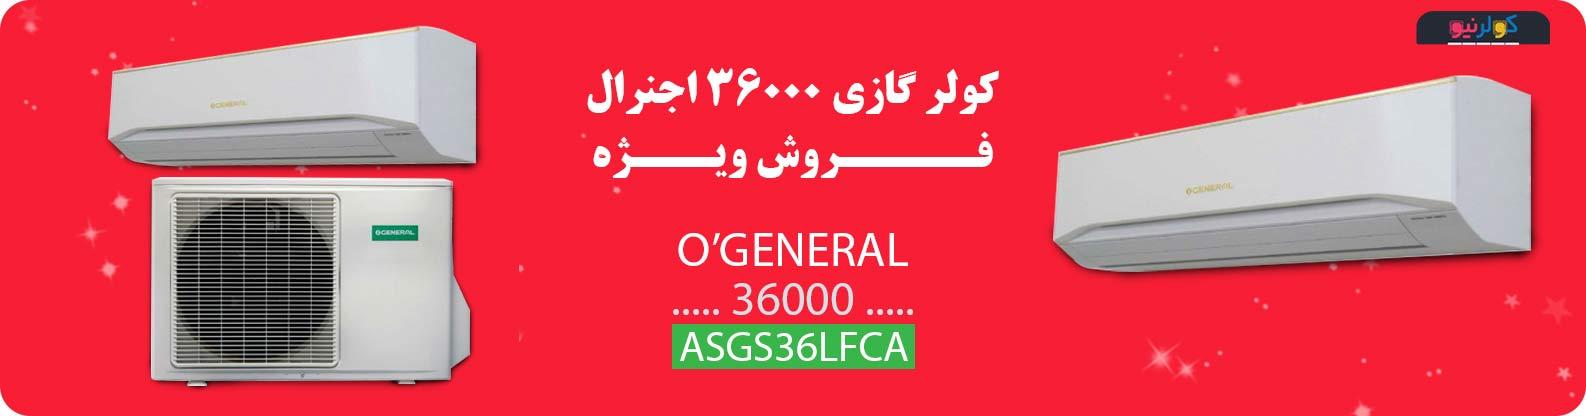 مصرف برف اجنرال ASGS36LFCA 2019